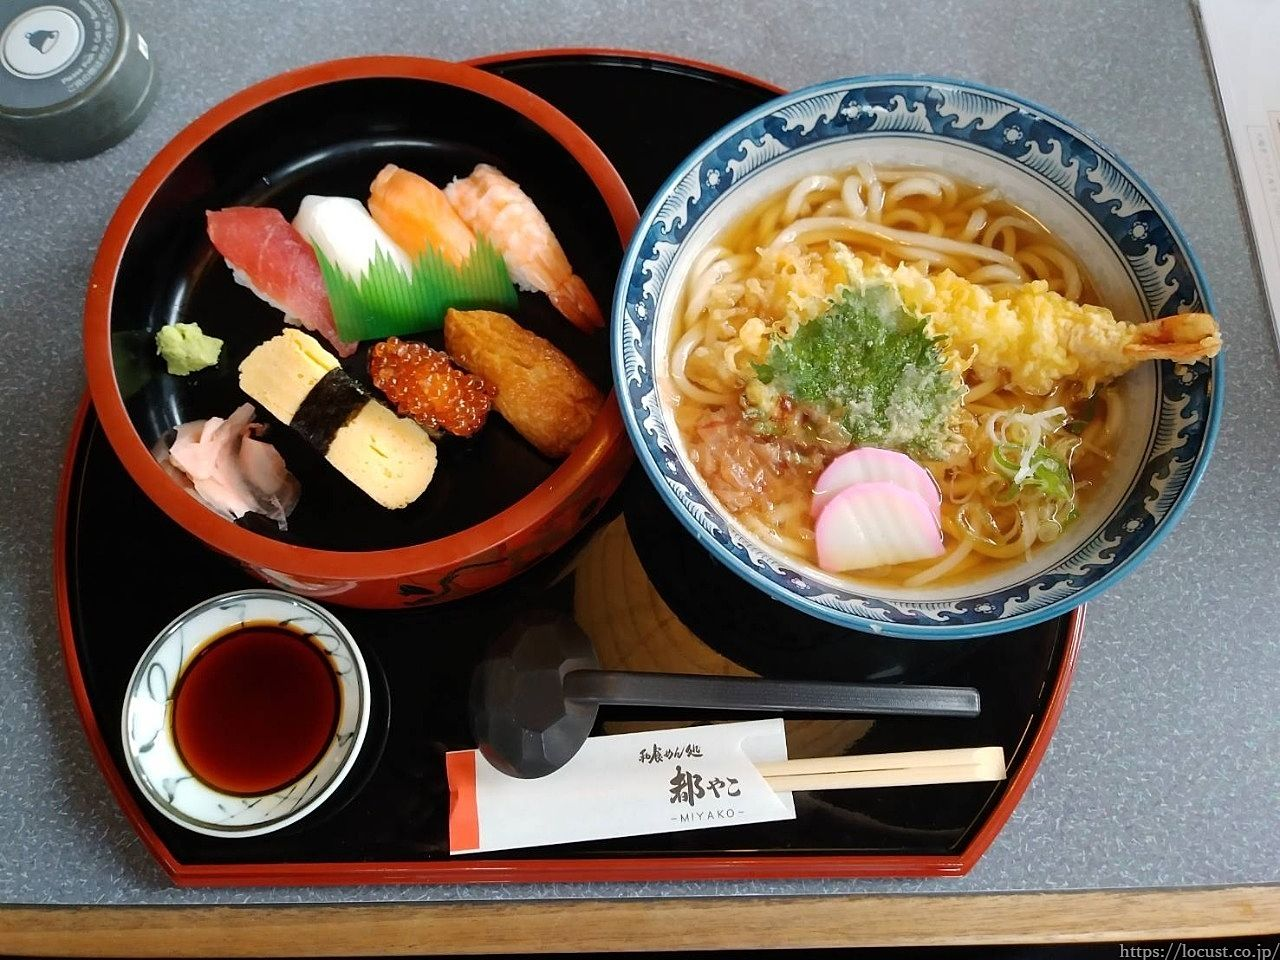 普段は天ぷらをうどんに乗せたりはしないのですが、エビの衣も美味かったです。